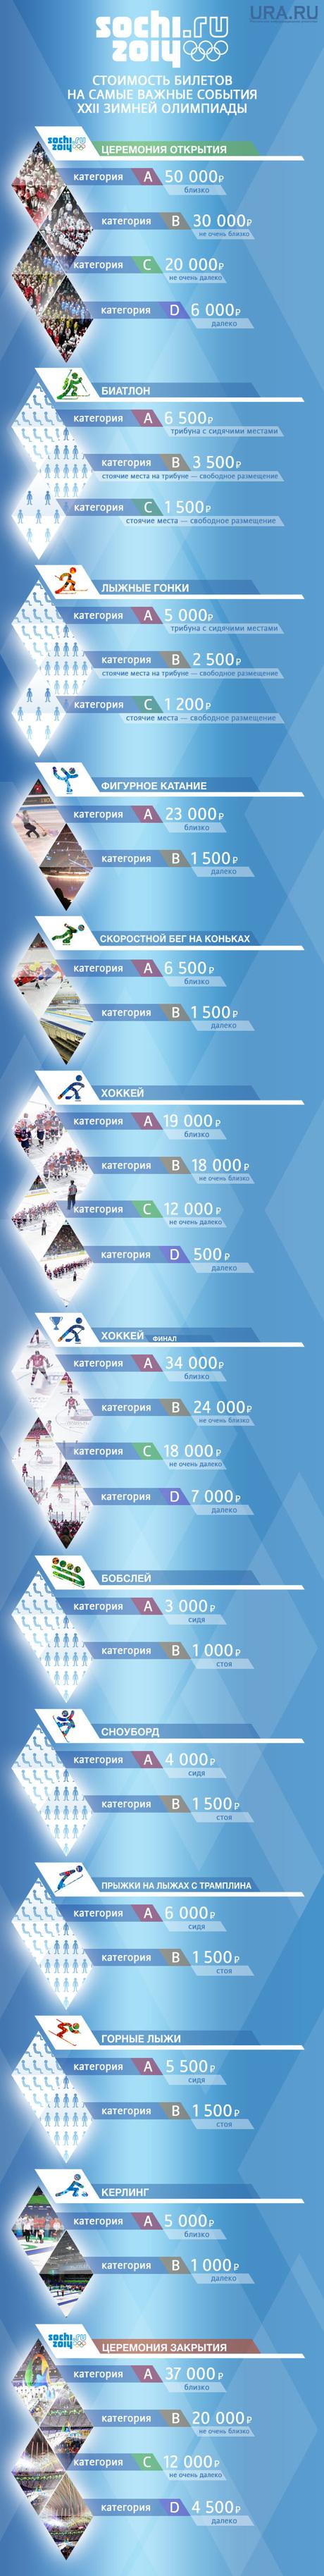 Второй этап продажи билетов на Олимпиаду в Сочи — старт в 12:00 по ...